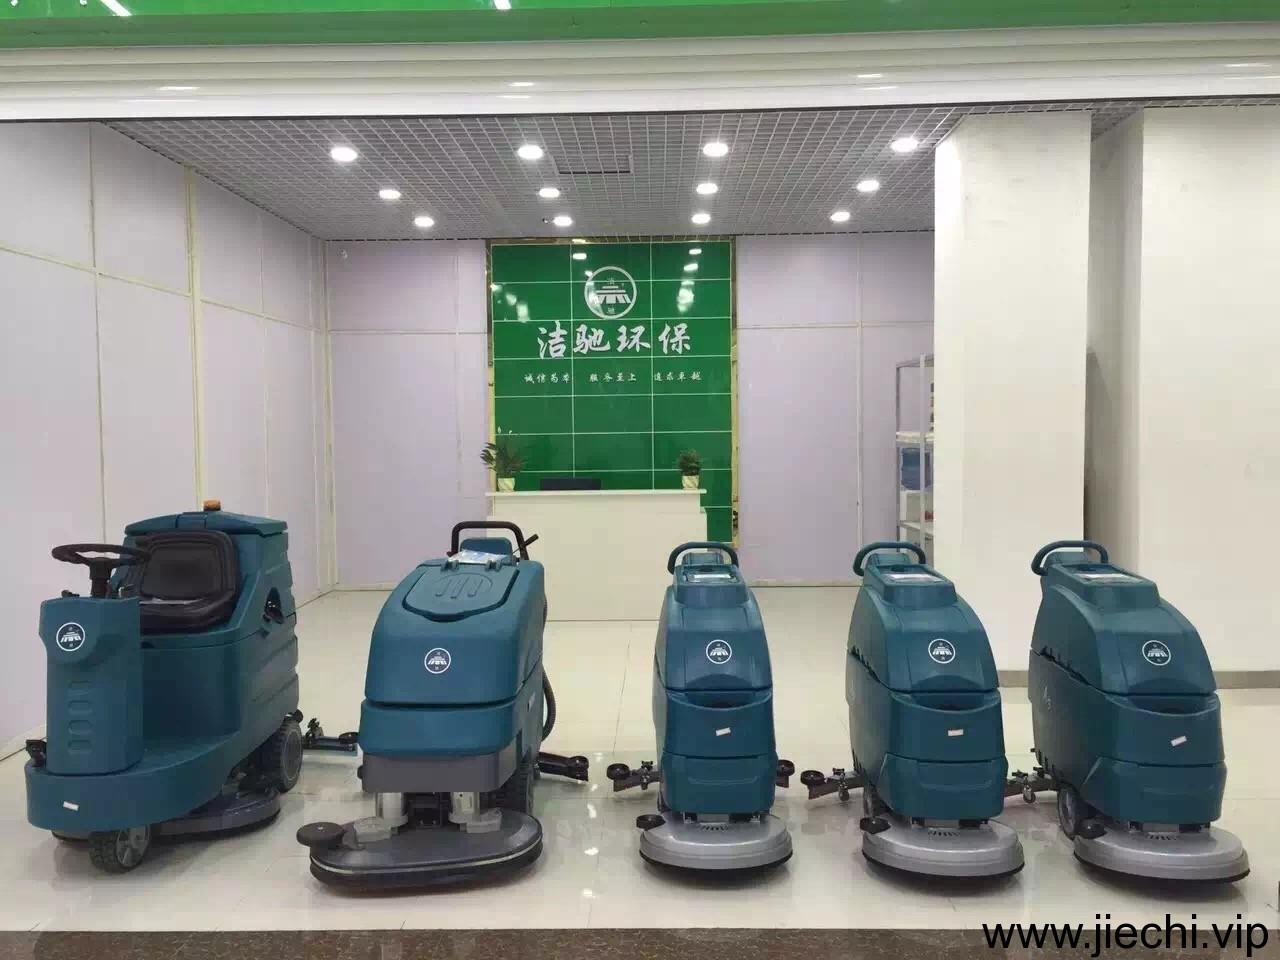 洗地机|扫地机|洗地车|扫地车|电动扫地车|全自动洗地机|手推式洗地机|驾驶式洗地机|手推式扫地机|驾驶式扫地机|拖地机|擦地机|刷地机|洗扫一体机|洗地吸干机|地面清洗机|电动扫地机|电动清扫车|电动扫路机|